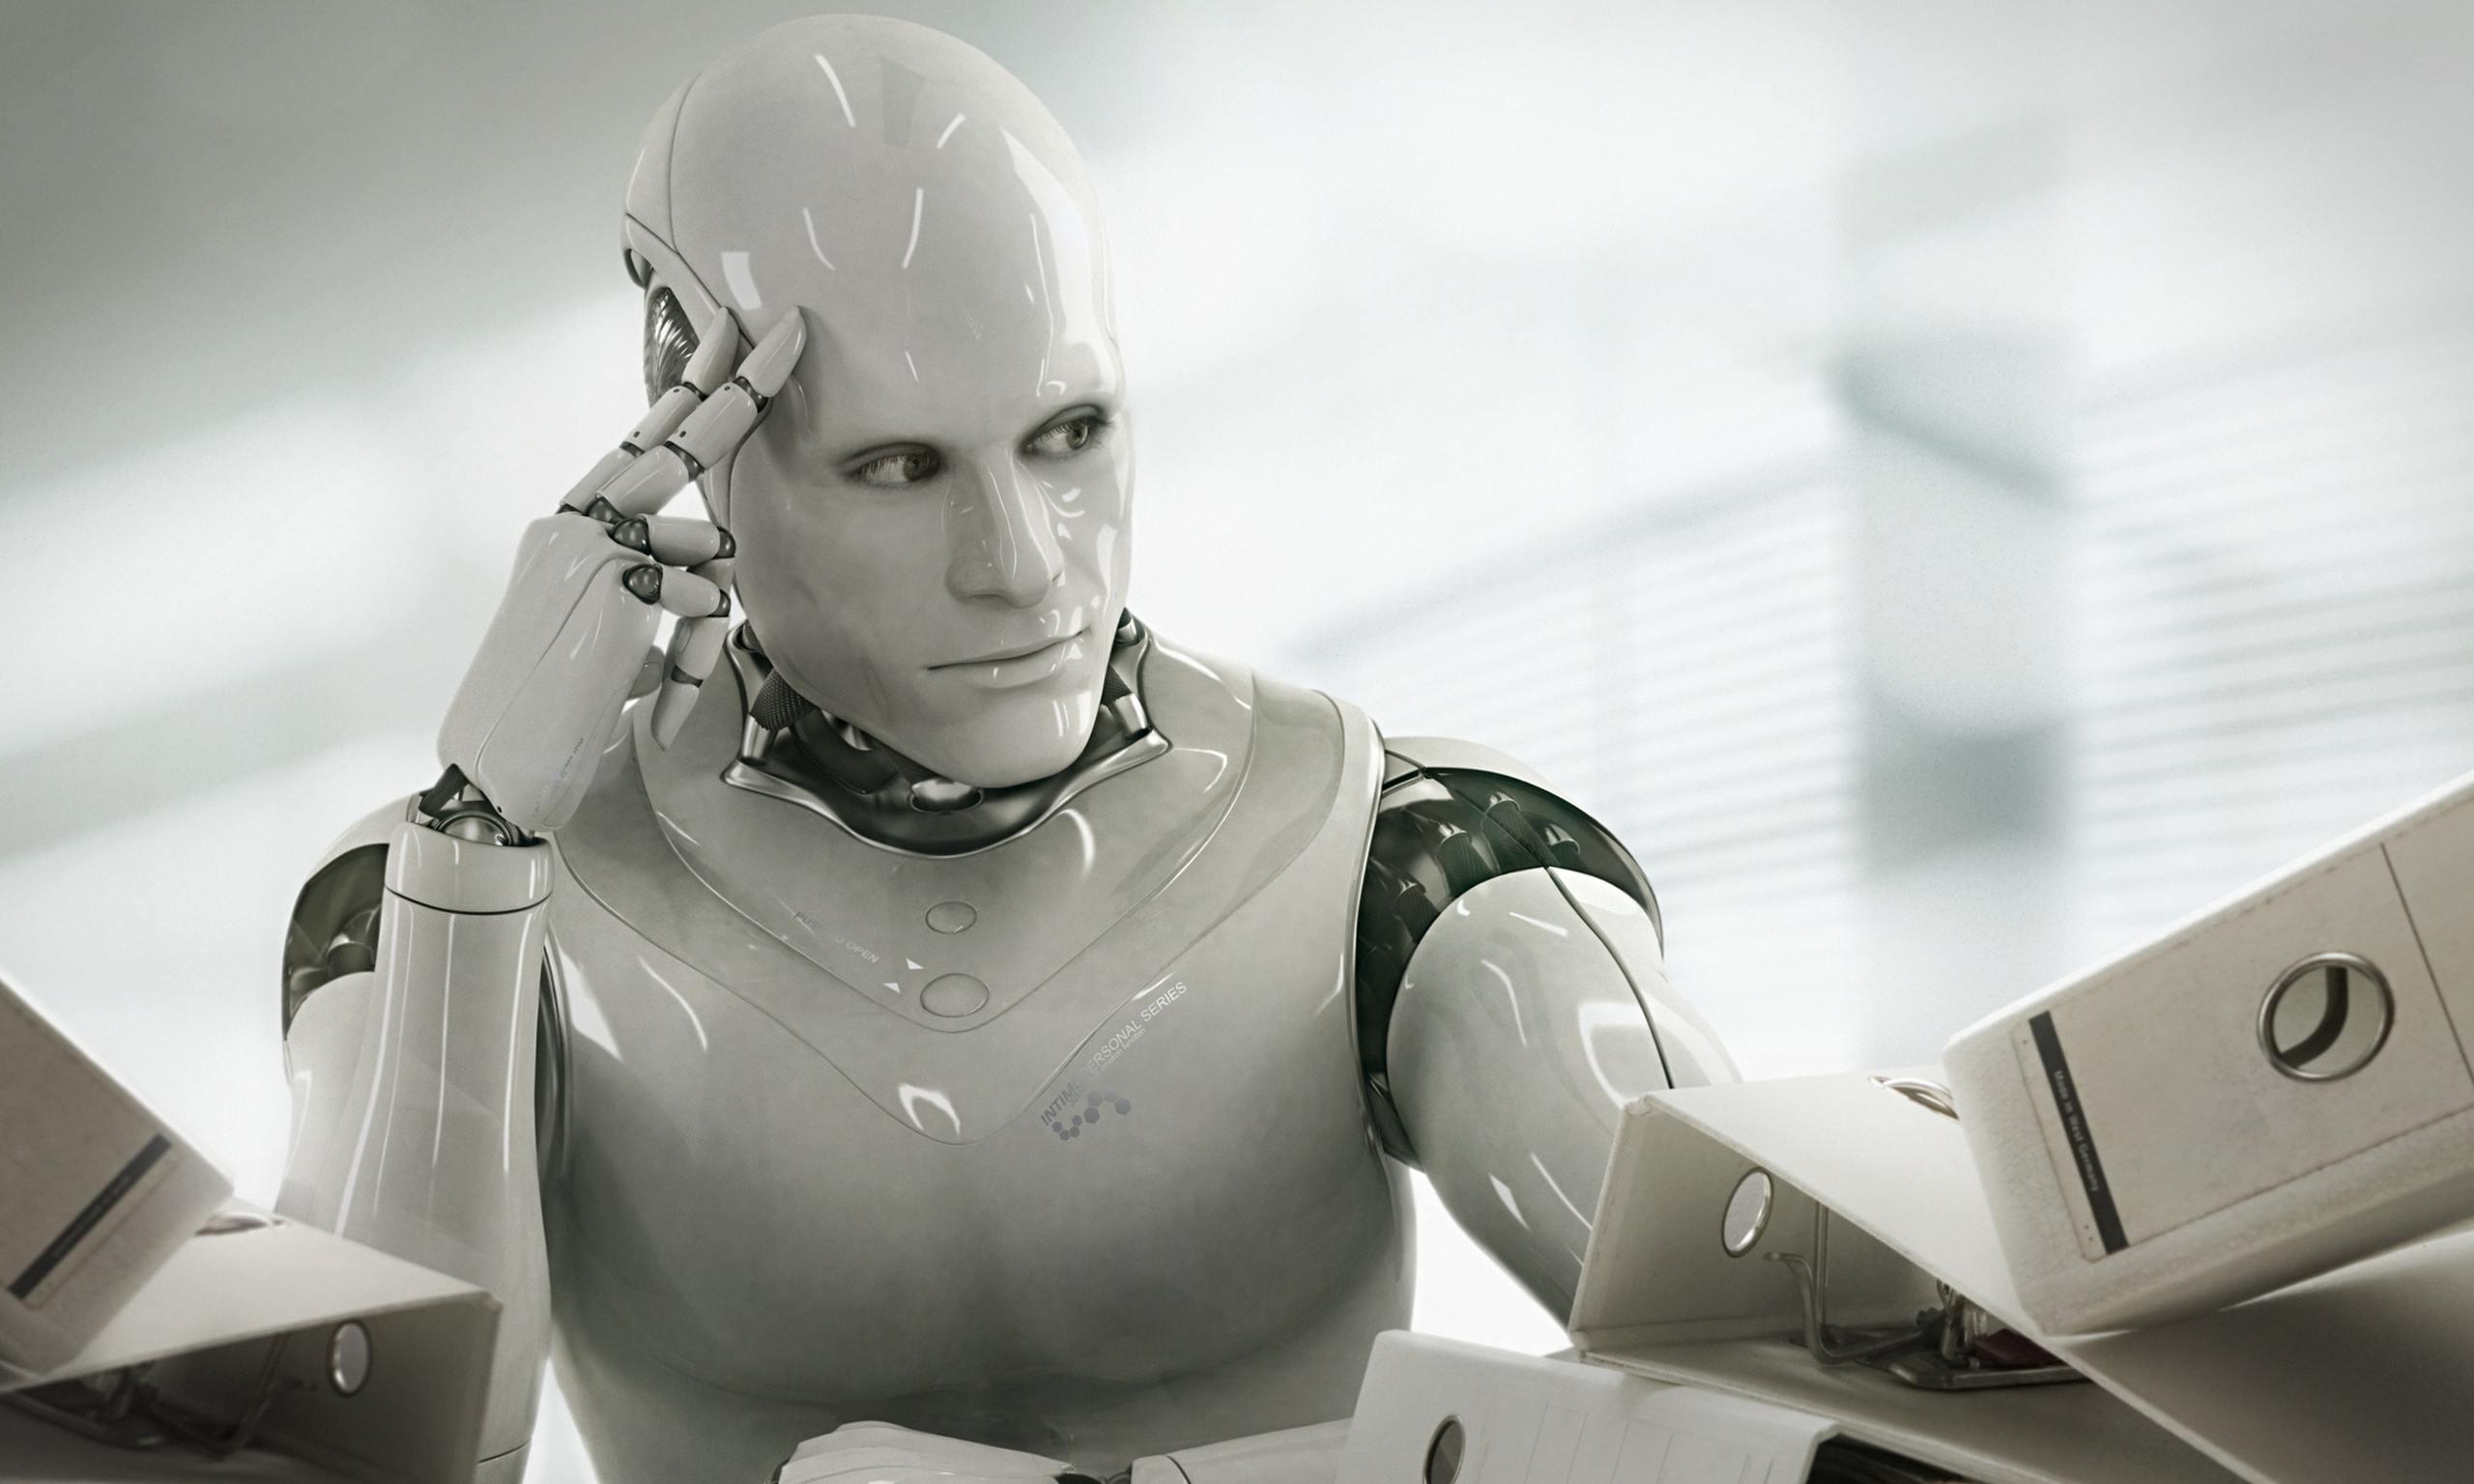 الروبوتات تهدد العاملين في هذه الوظيفة.. تعرف عليها